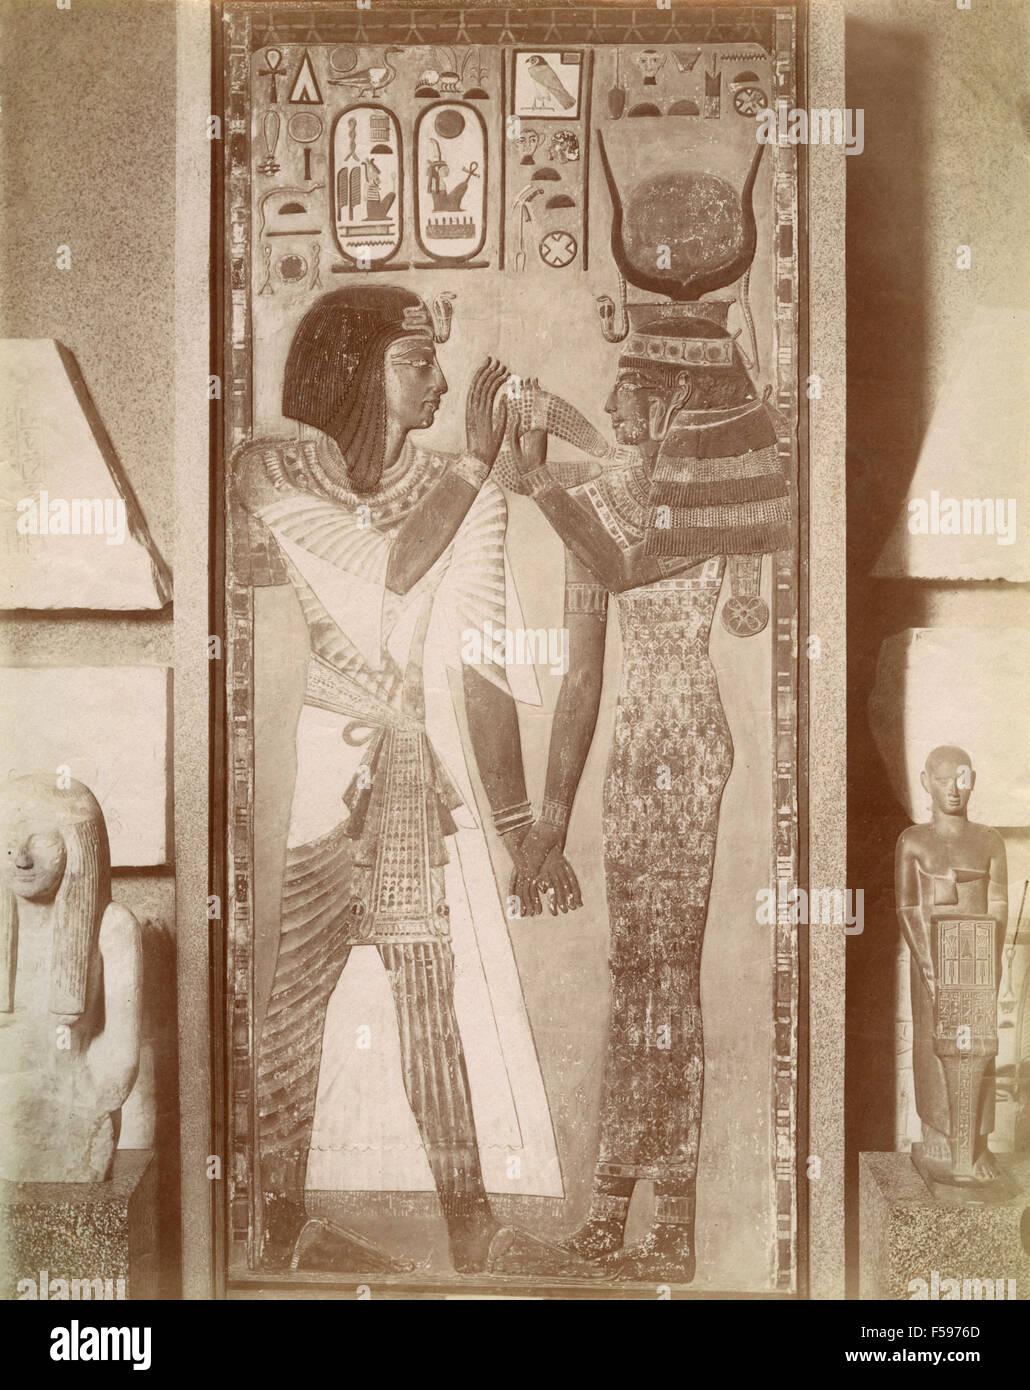 Pharaoh Seti and the goddess Hathor, Egypt - Stock Image